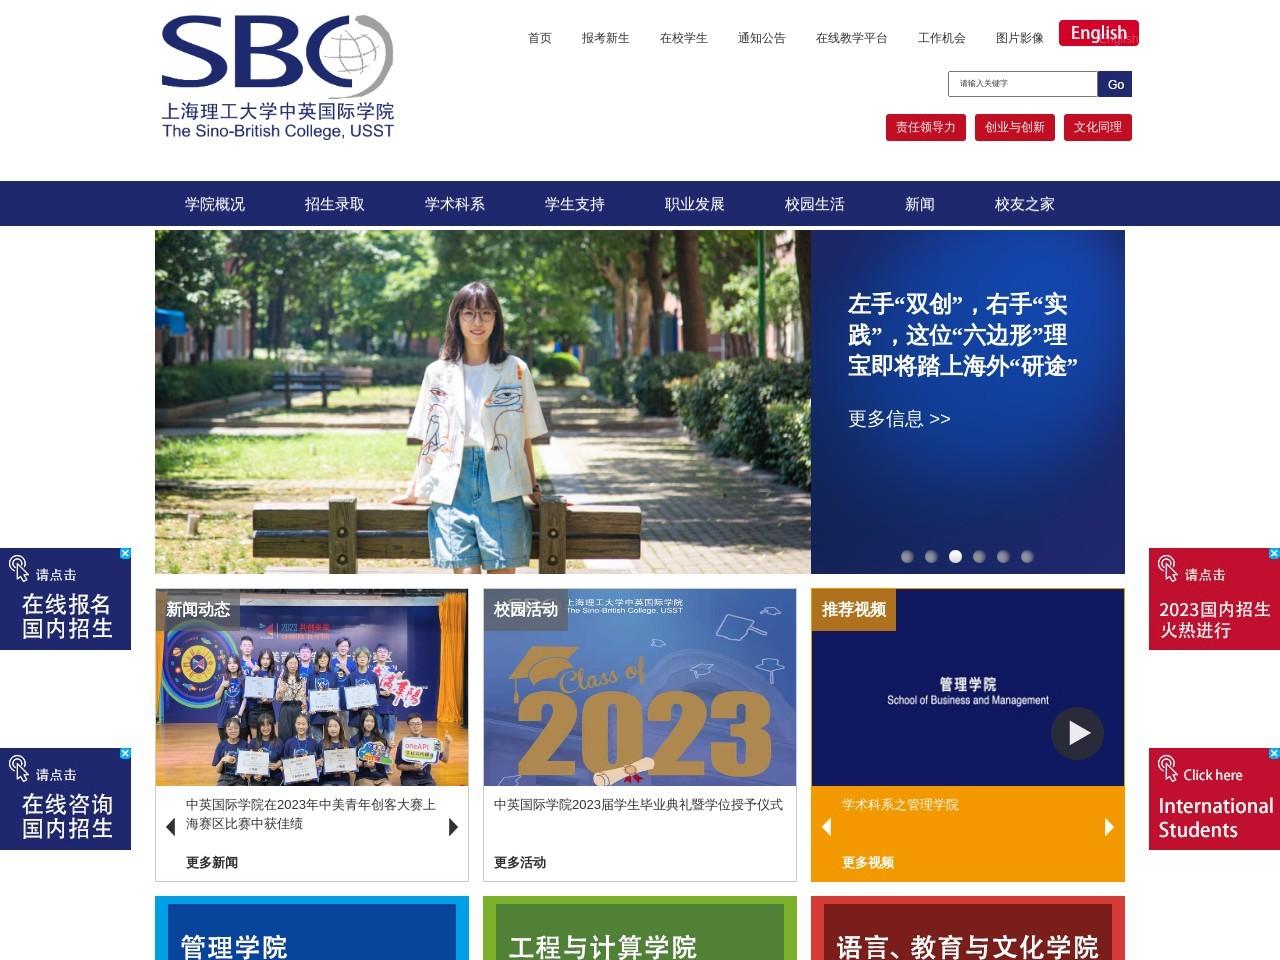 上海理工大学中英国际学院